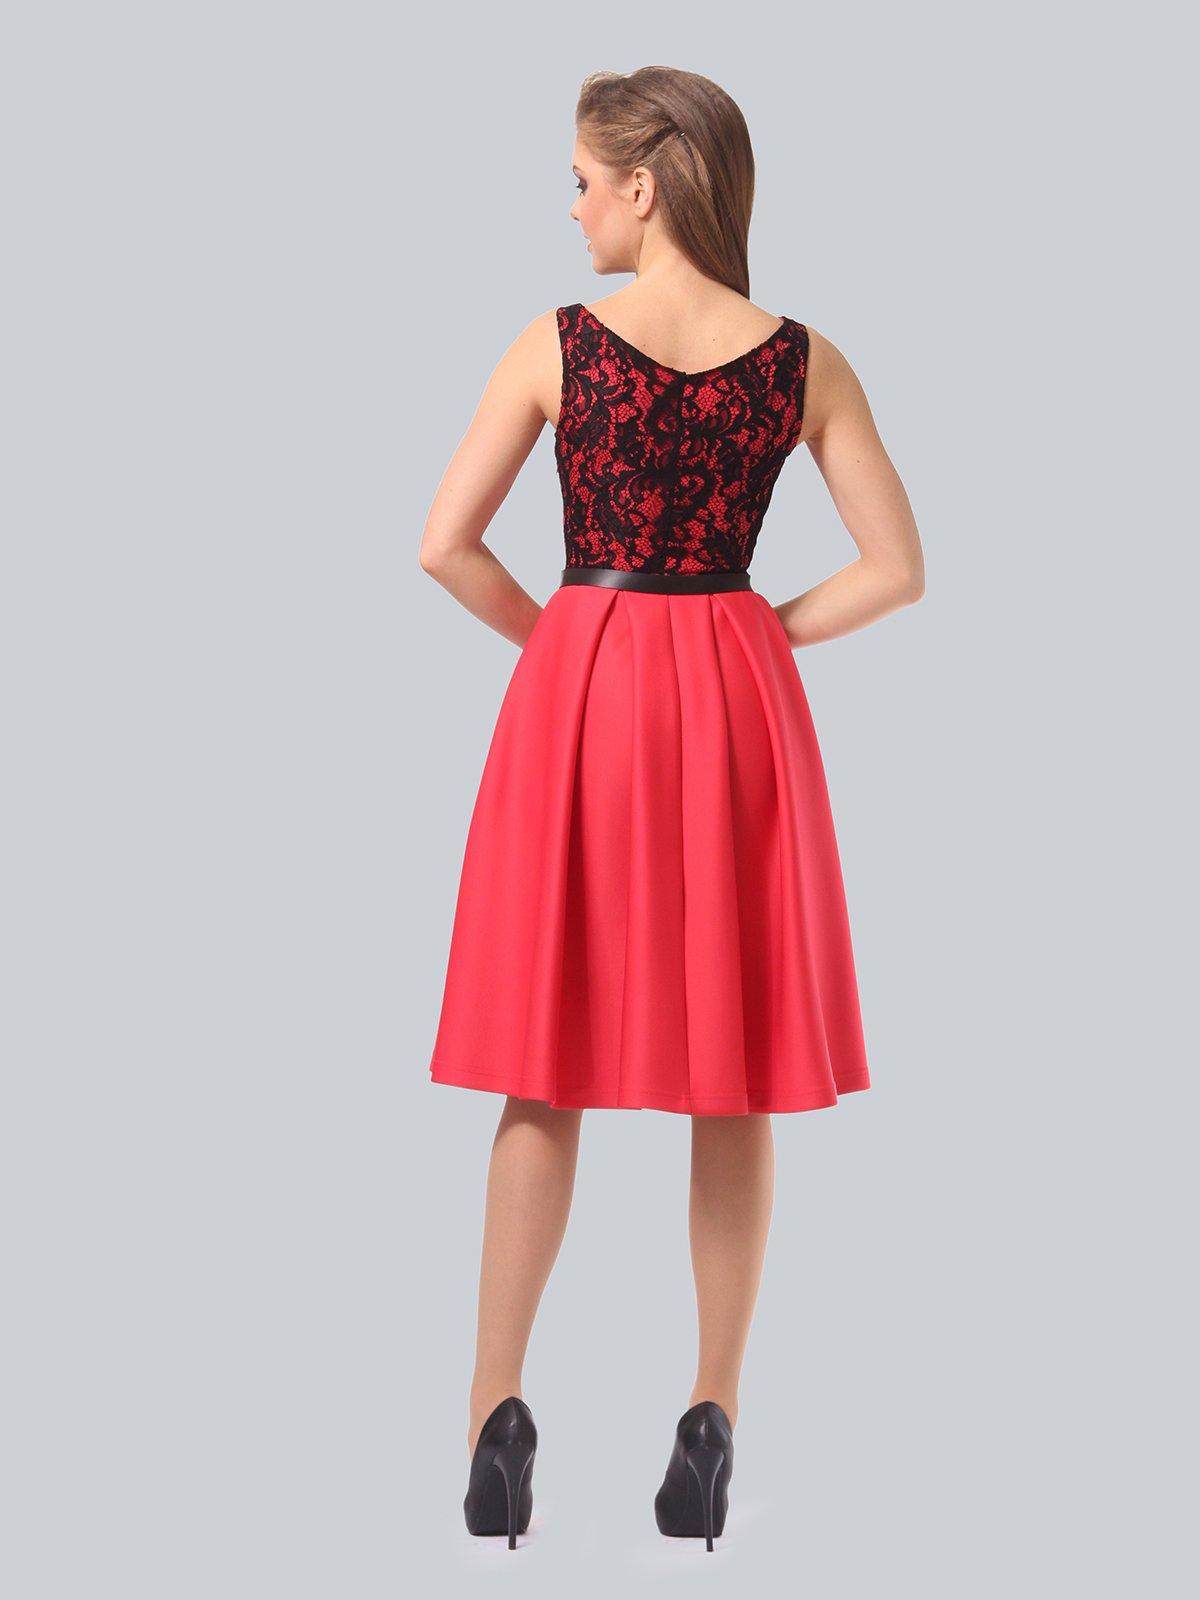 Платье кораллово-черное   3863268   фото 8